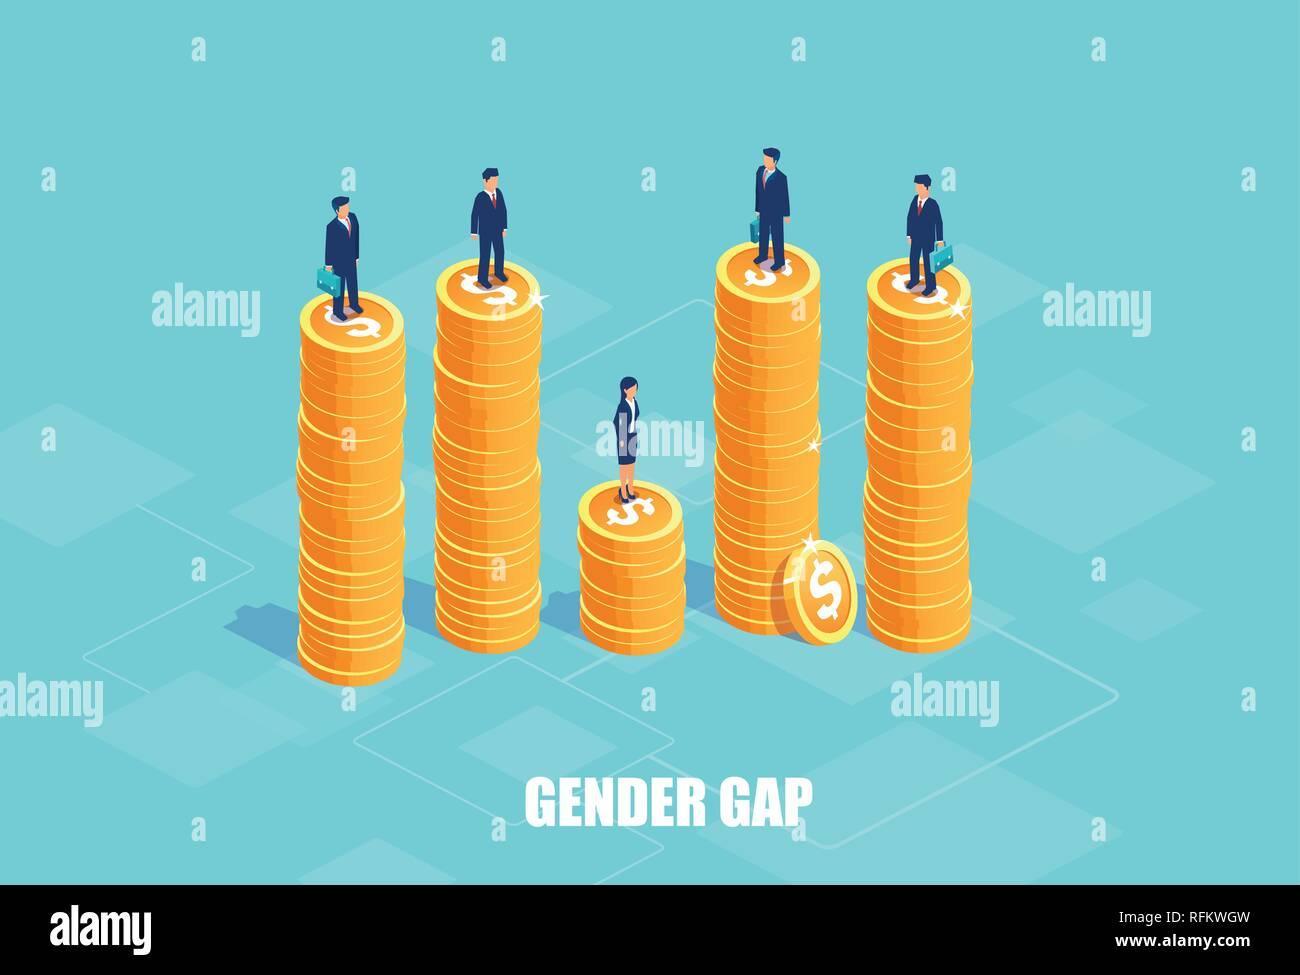 Brecha de género y el concepto de pagar la diferencia. Vector de empresarios y empresaria en los montones de monedas de diferente altura. Símbolo de discriminación e INY Ilustración del Vector